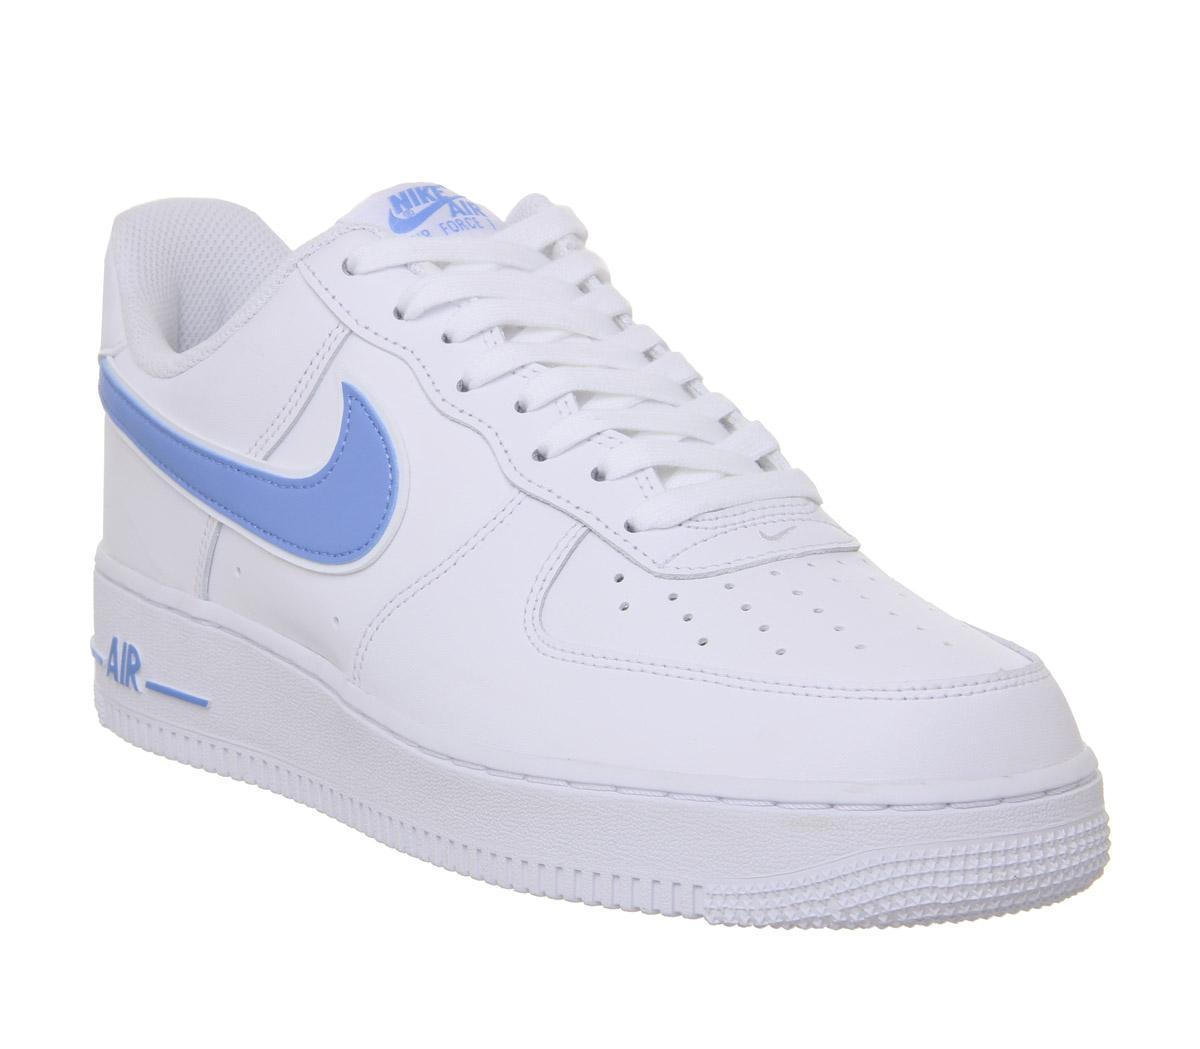 Nike Nike Air Force One Trainers White